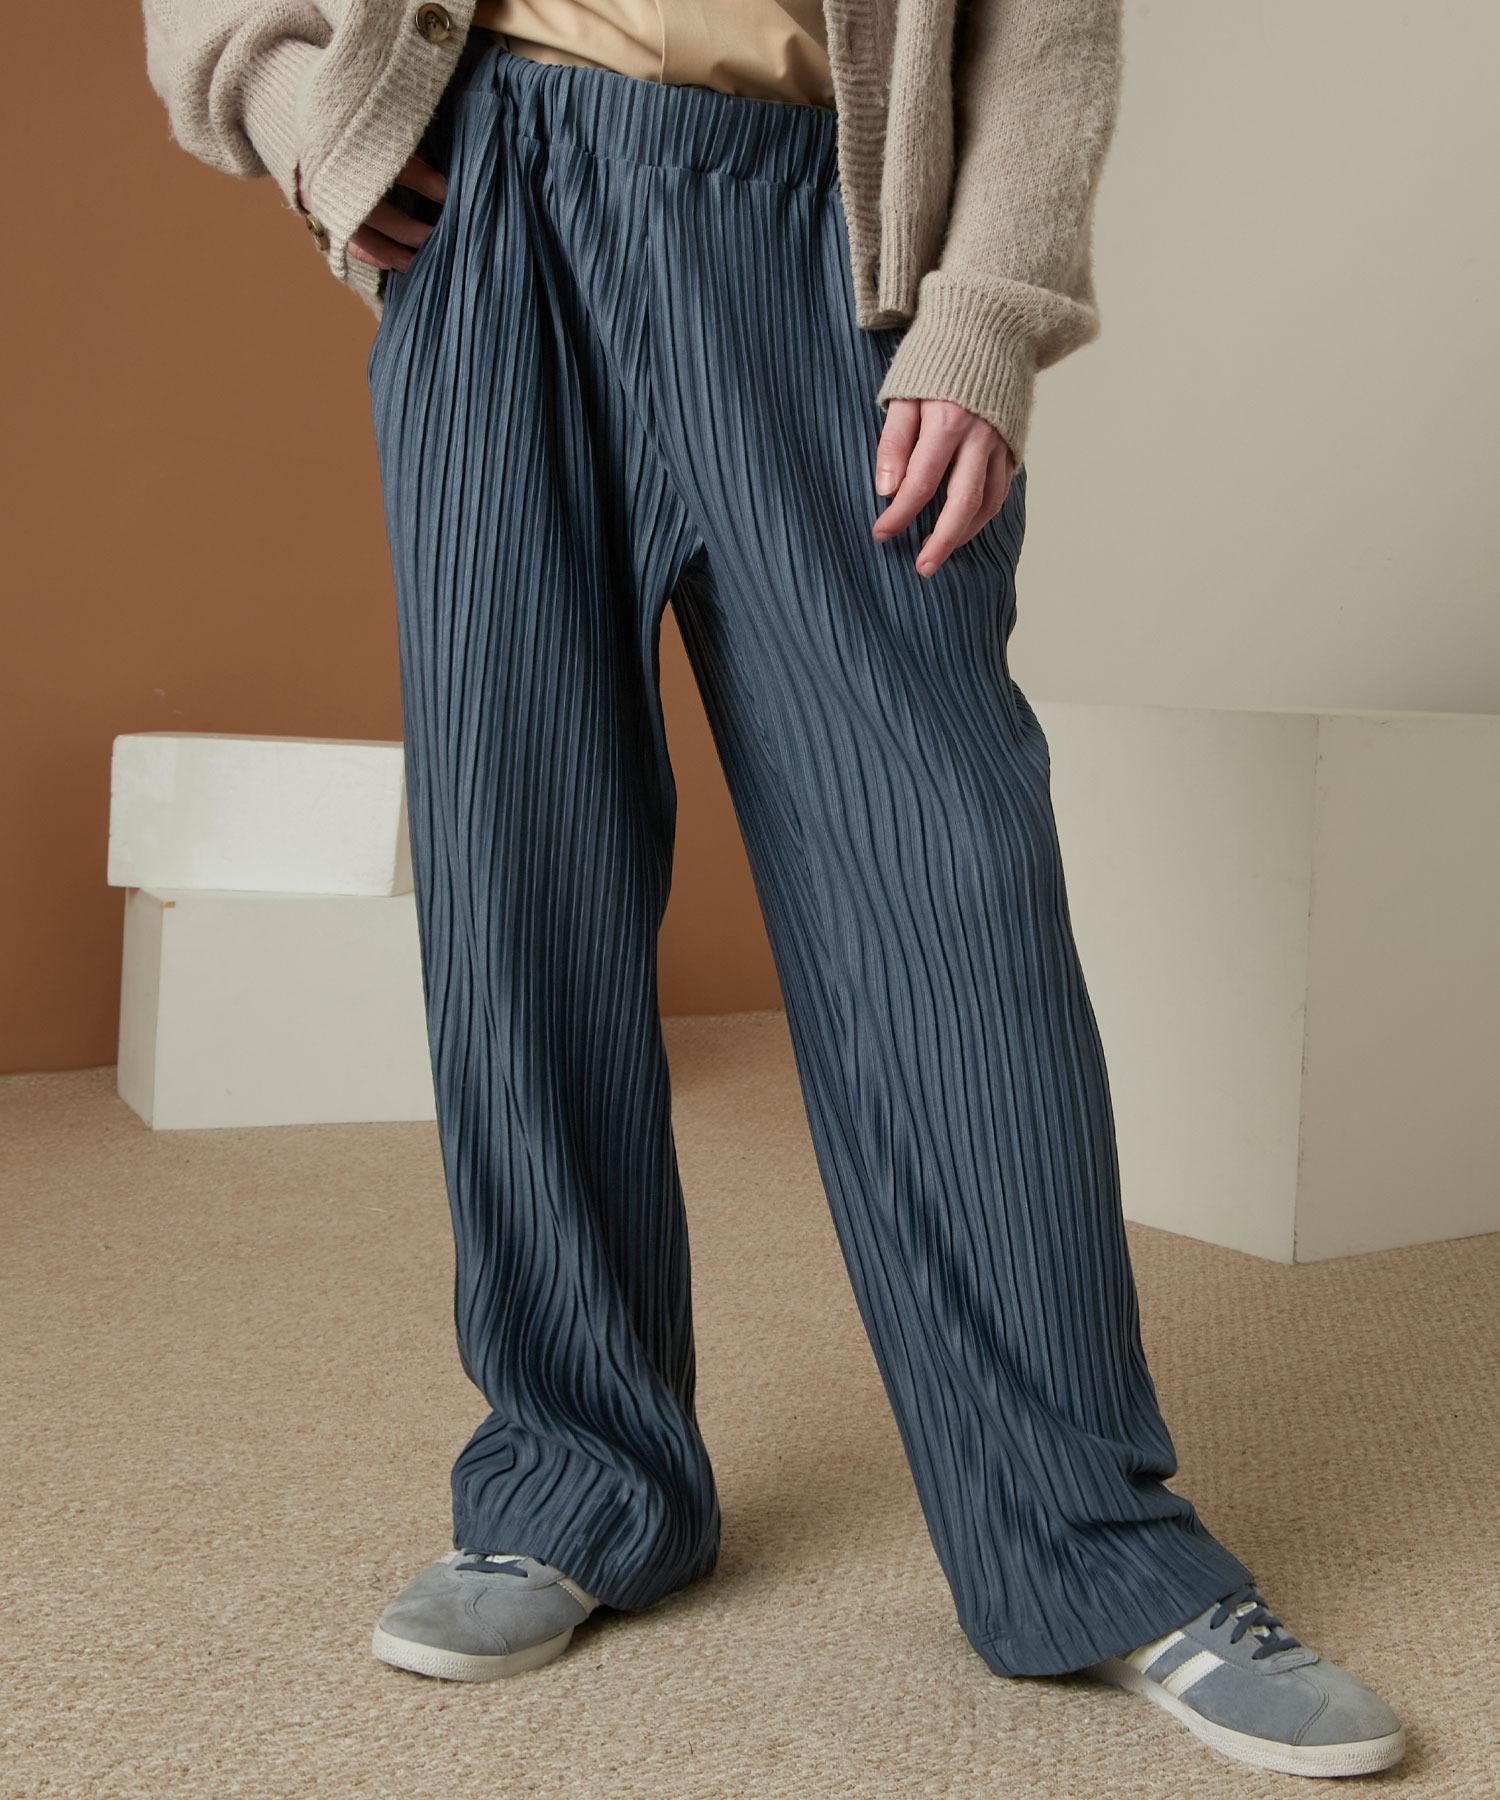 プリーツワイドテーパードリラックスイージーパンツ/ワイドパンツ ワンマイルウェア EMMA CLOTHES 2021SS